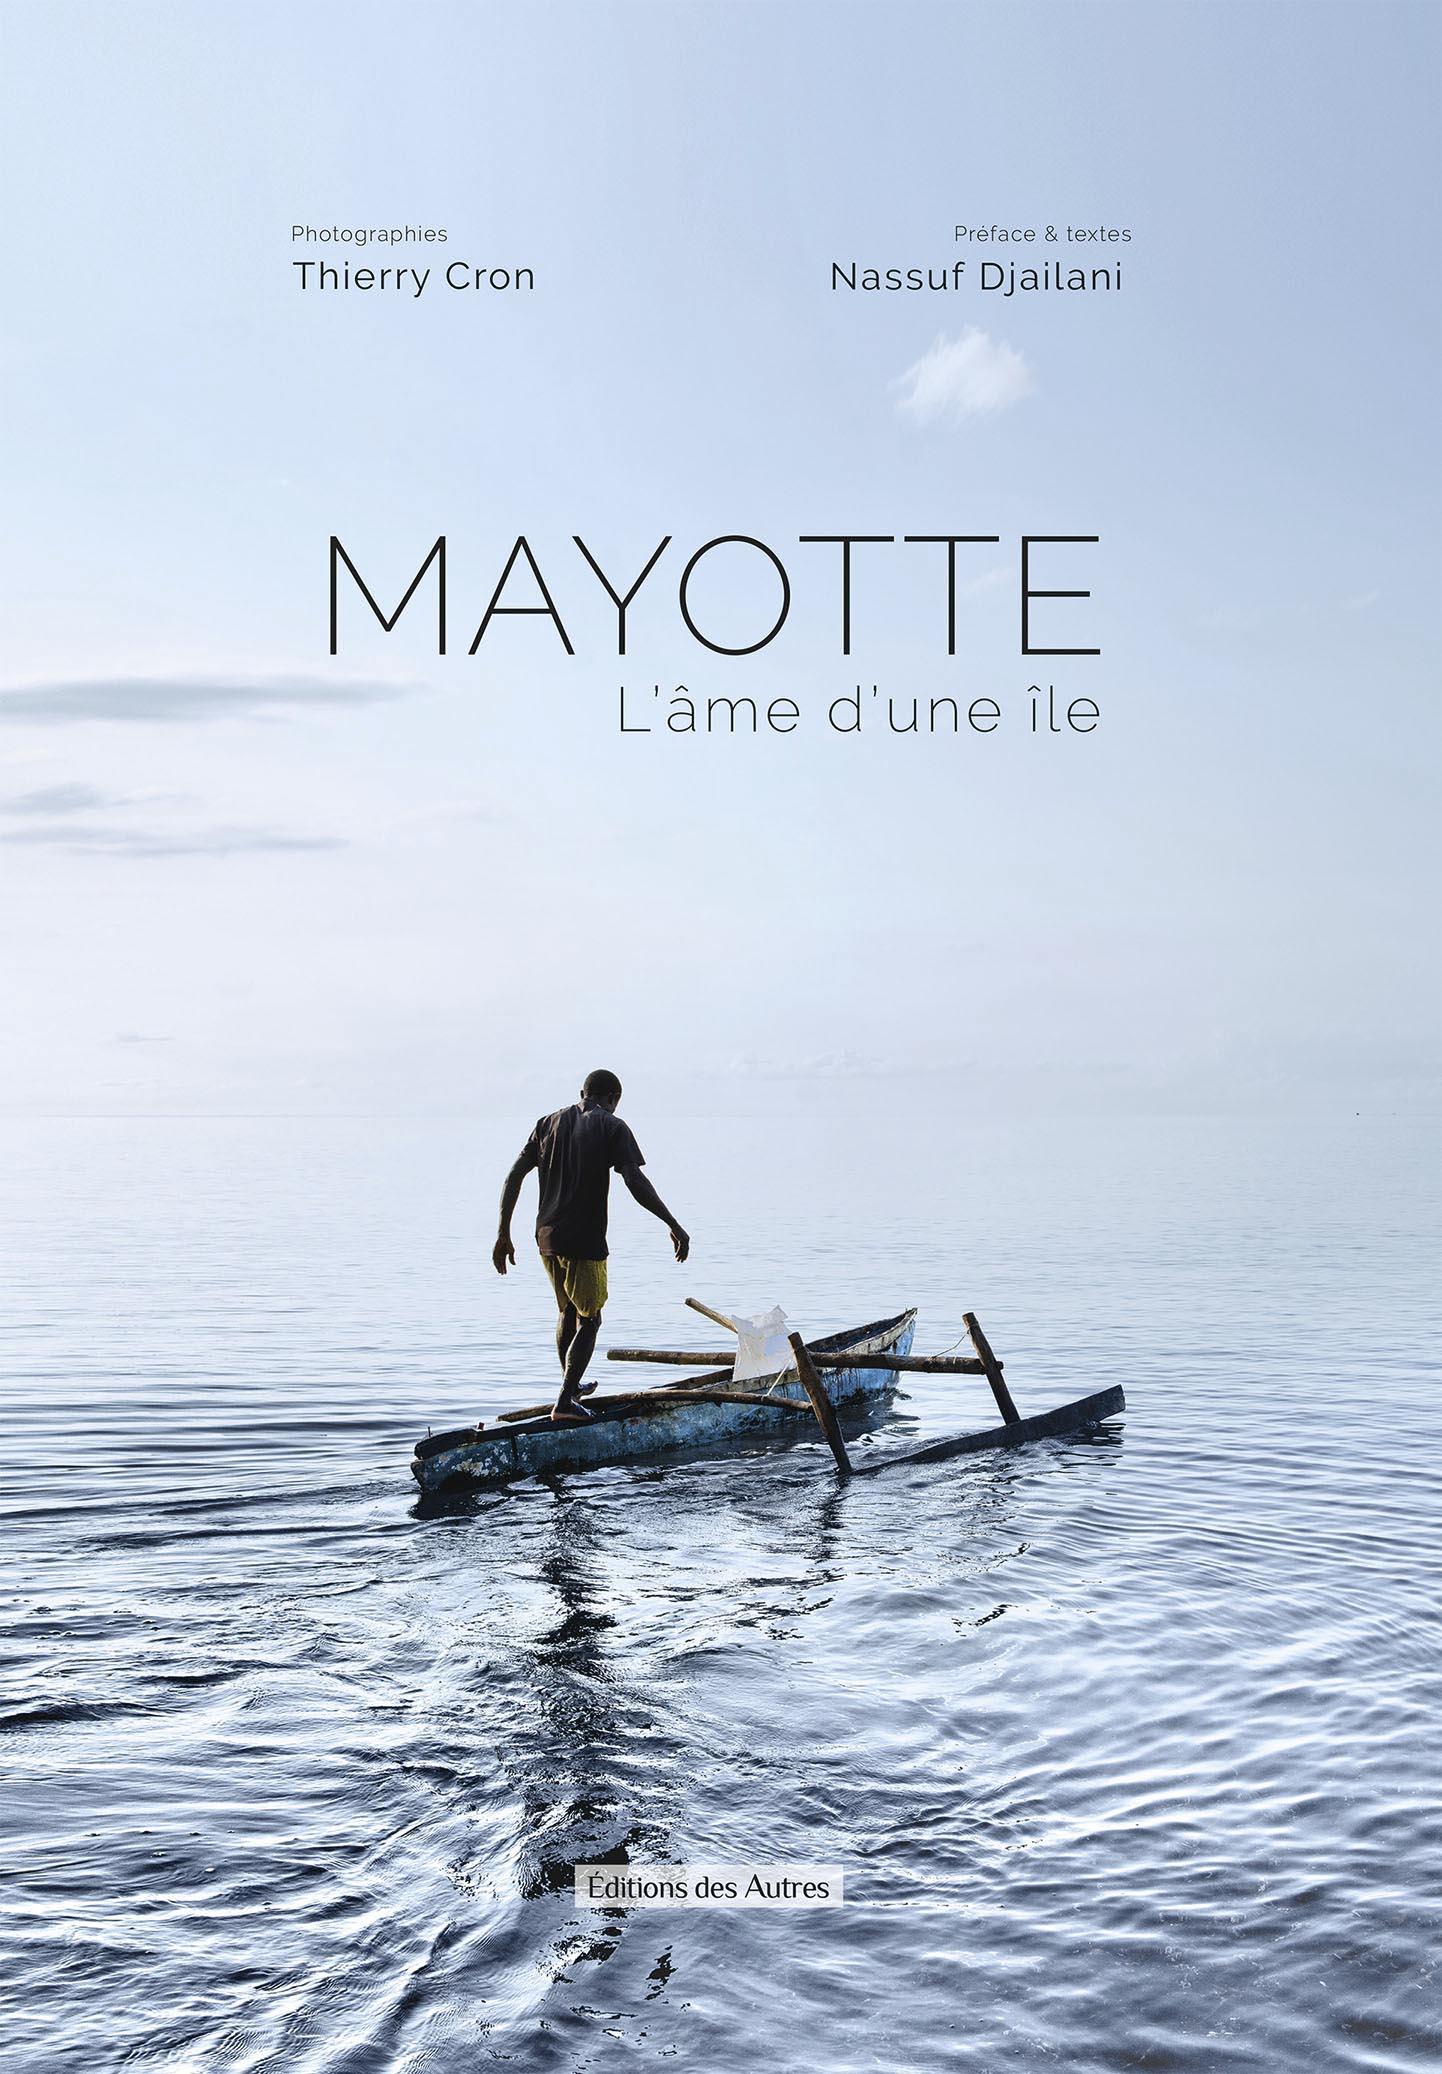 1ere couverture_Mayotte l'âme d'une île_Éditions des Autres